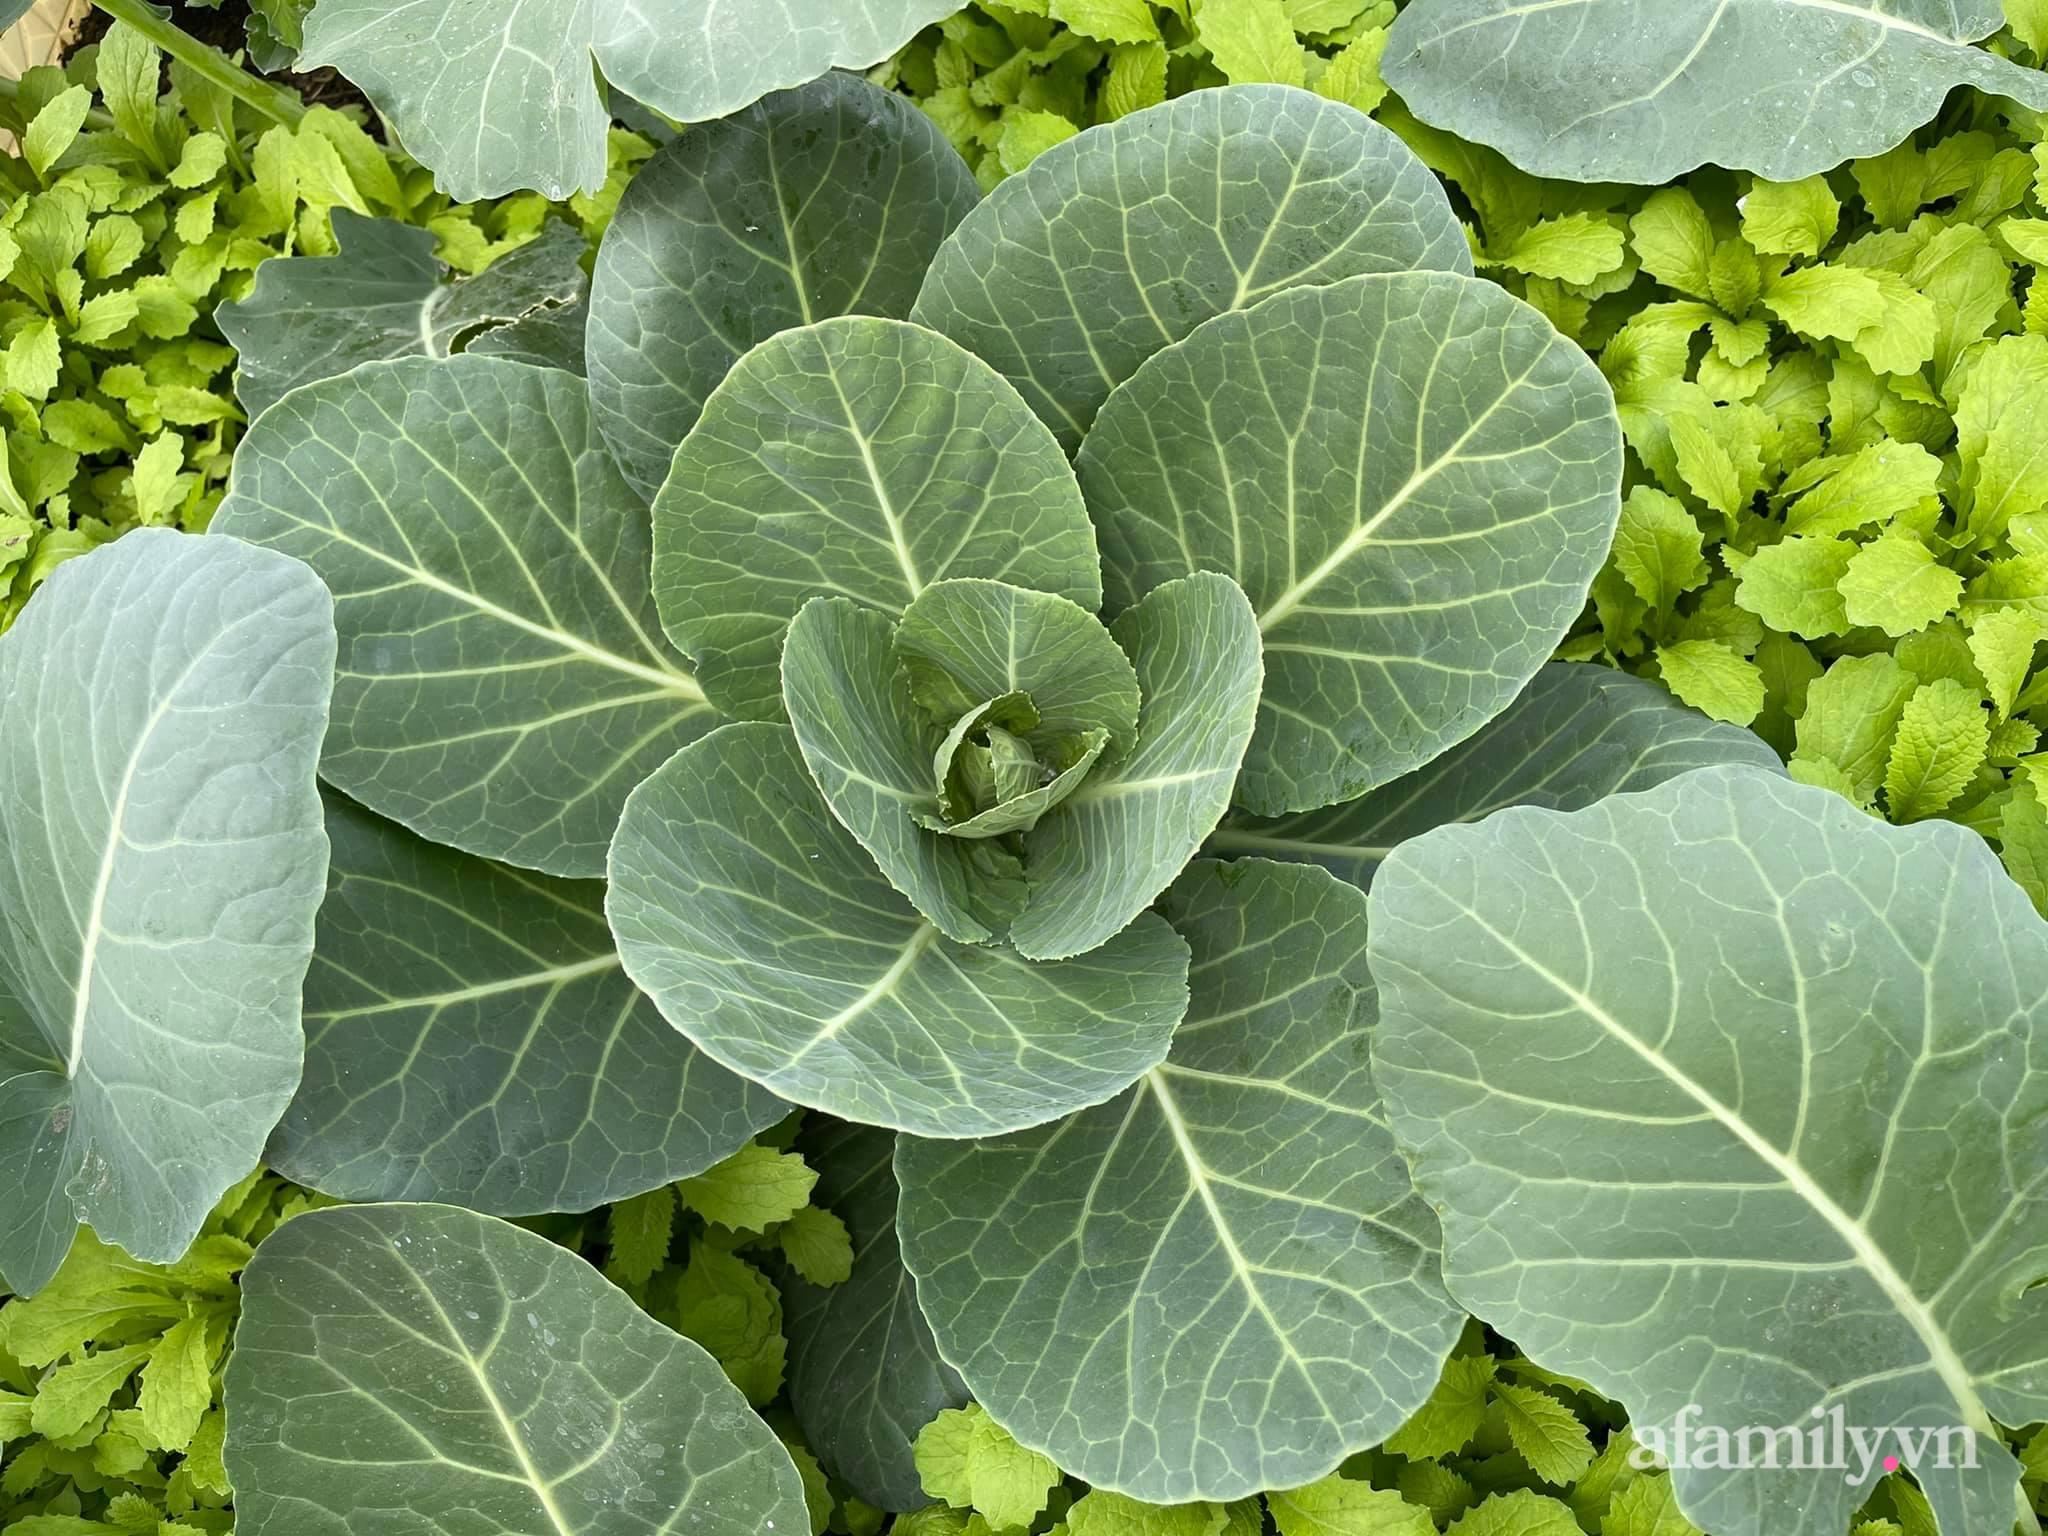 Sân thượng 83m² phủ kín rau quả sạch chỉ sau gần 1 tháng gieo trồng của cô giáo về hưu ở Hà Nội - Ảnh 11.